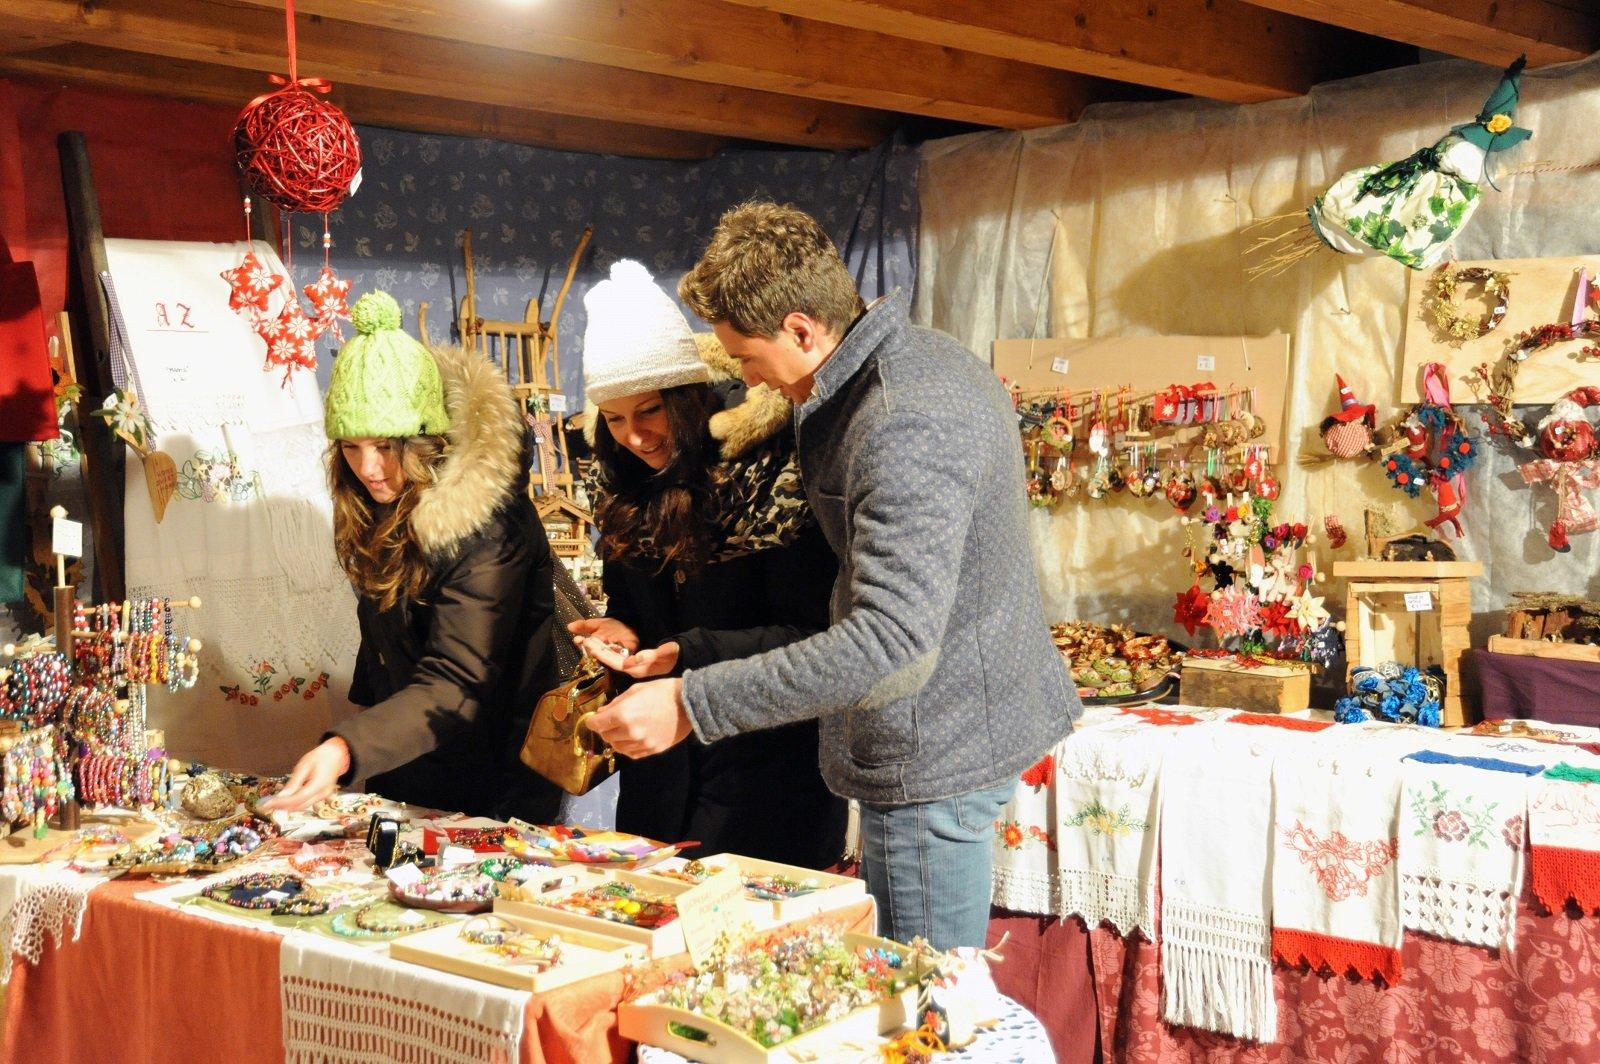 mercatino dellartigianato piazza municipio bolzano weather - photo#36